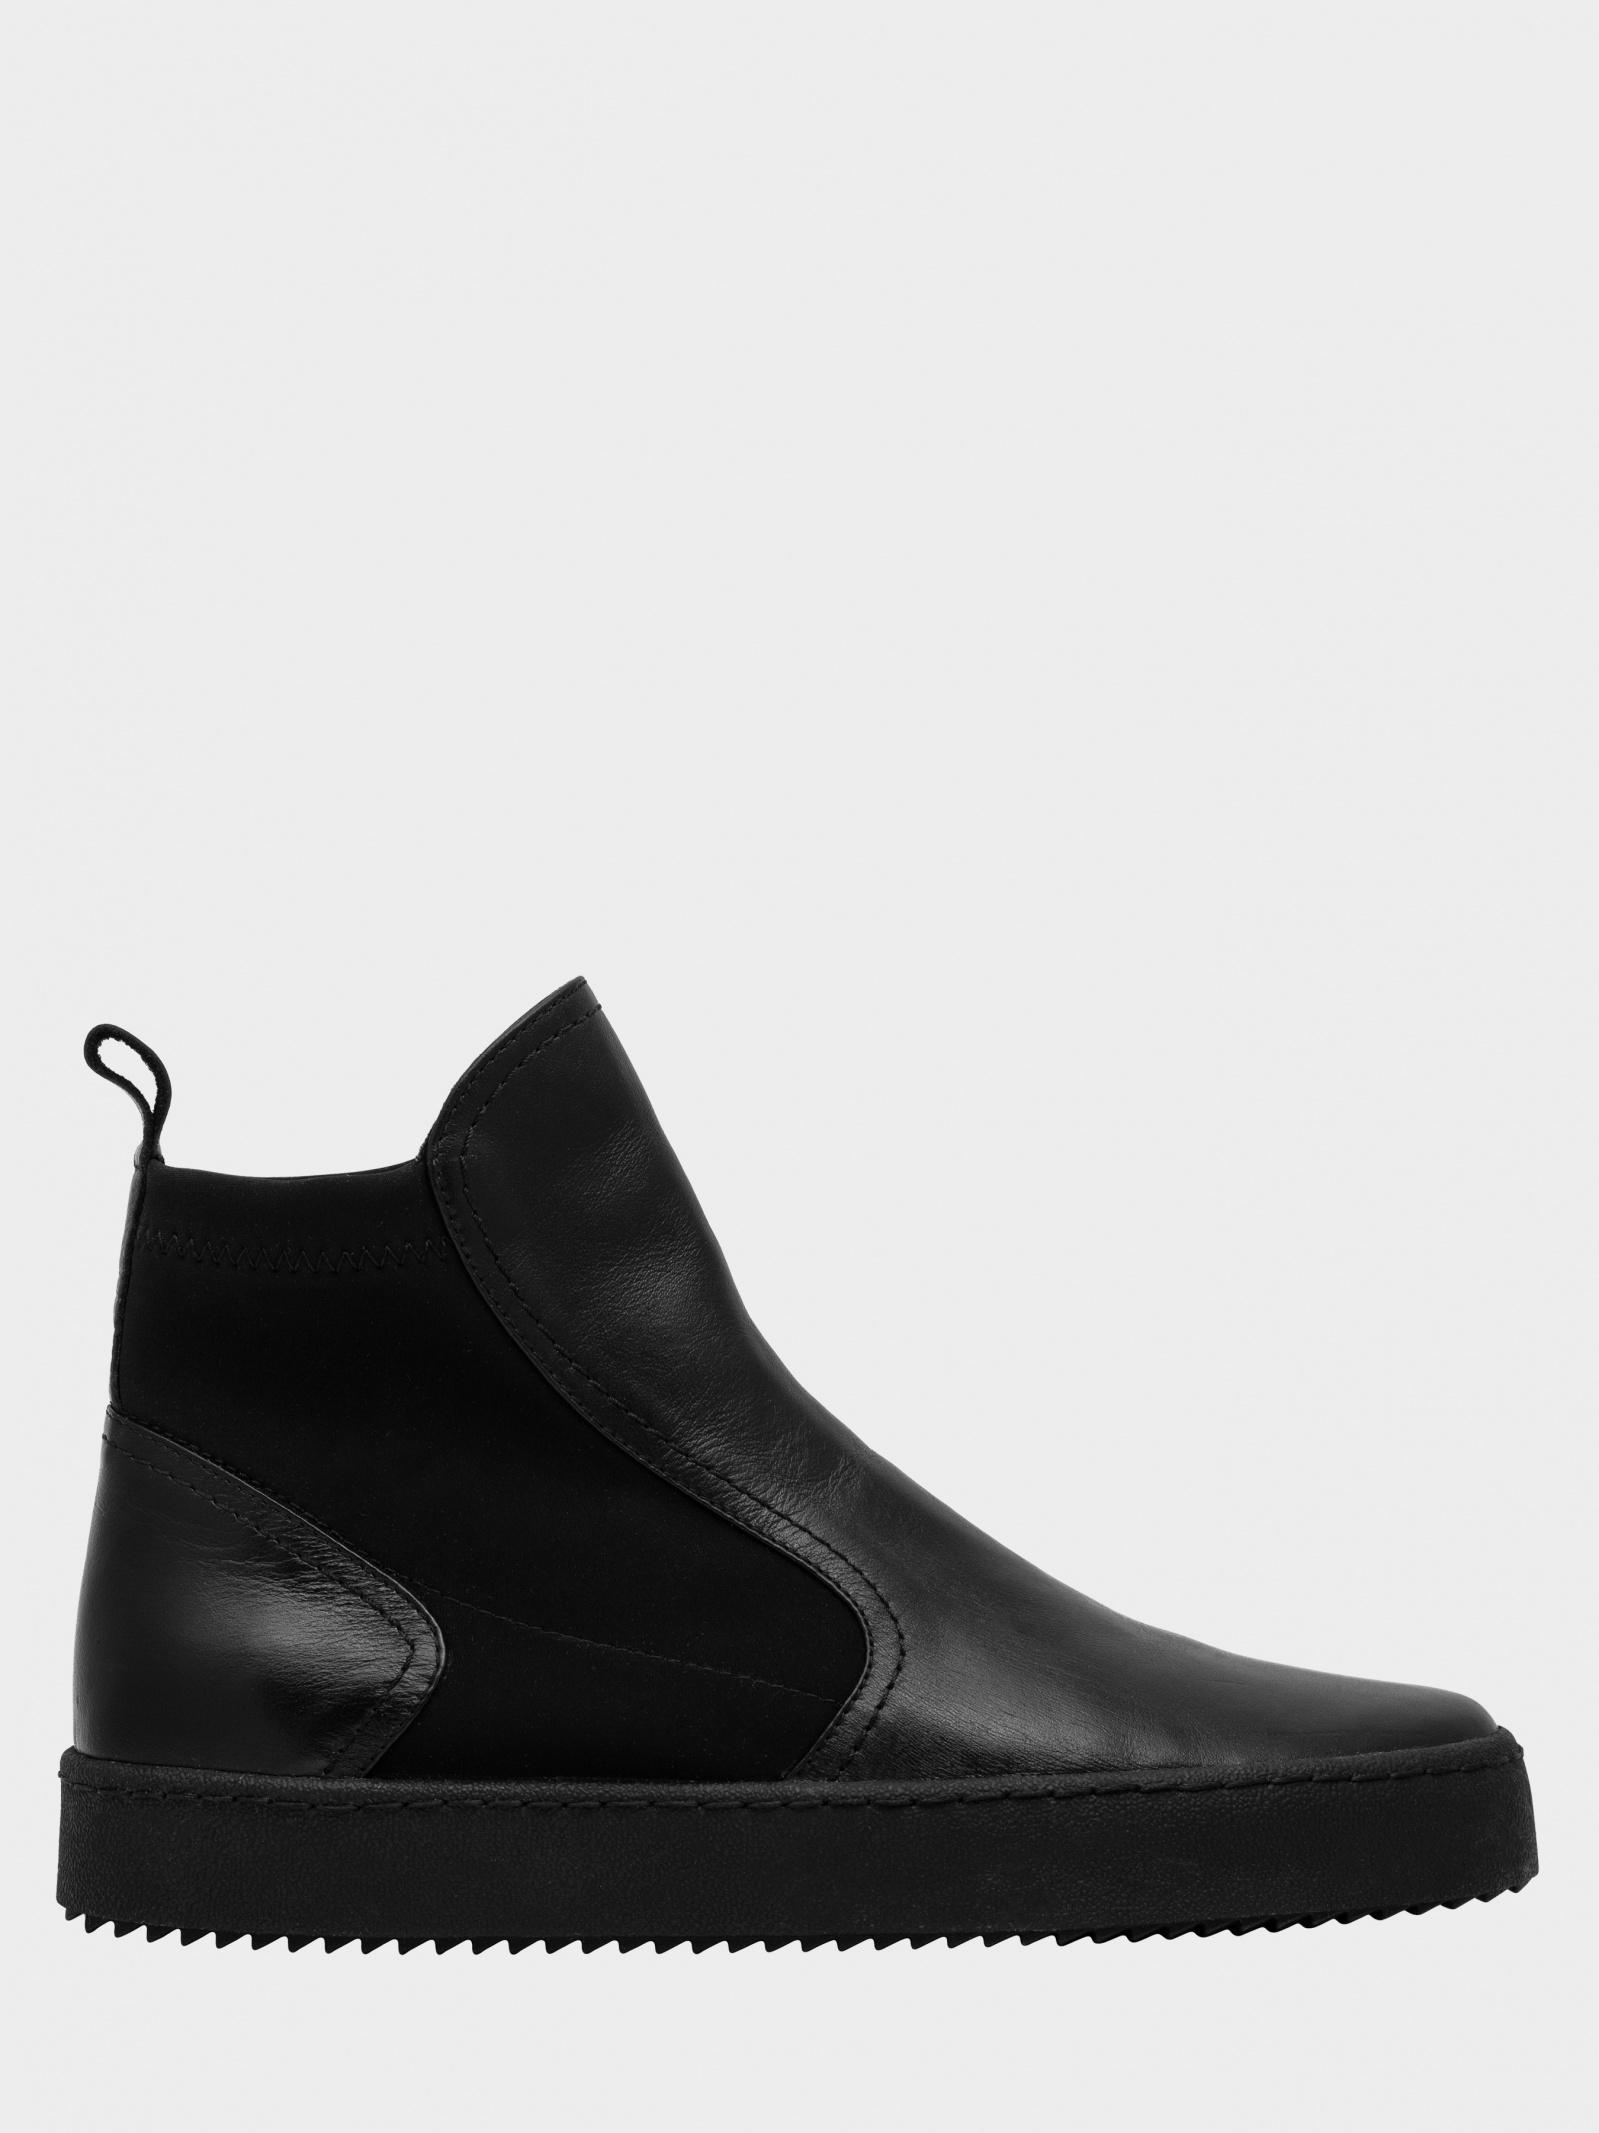 Ботинки для женщин Enzo Verratti 18-1462-14 купить обувь, 2017